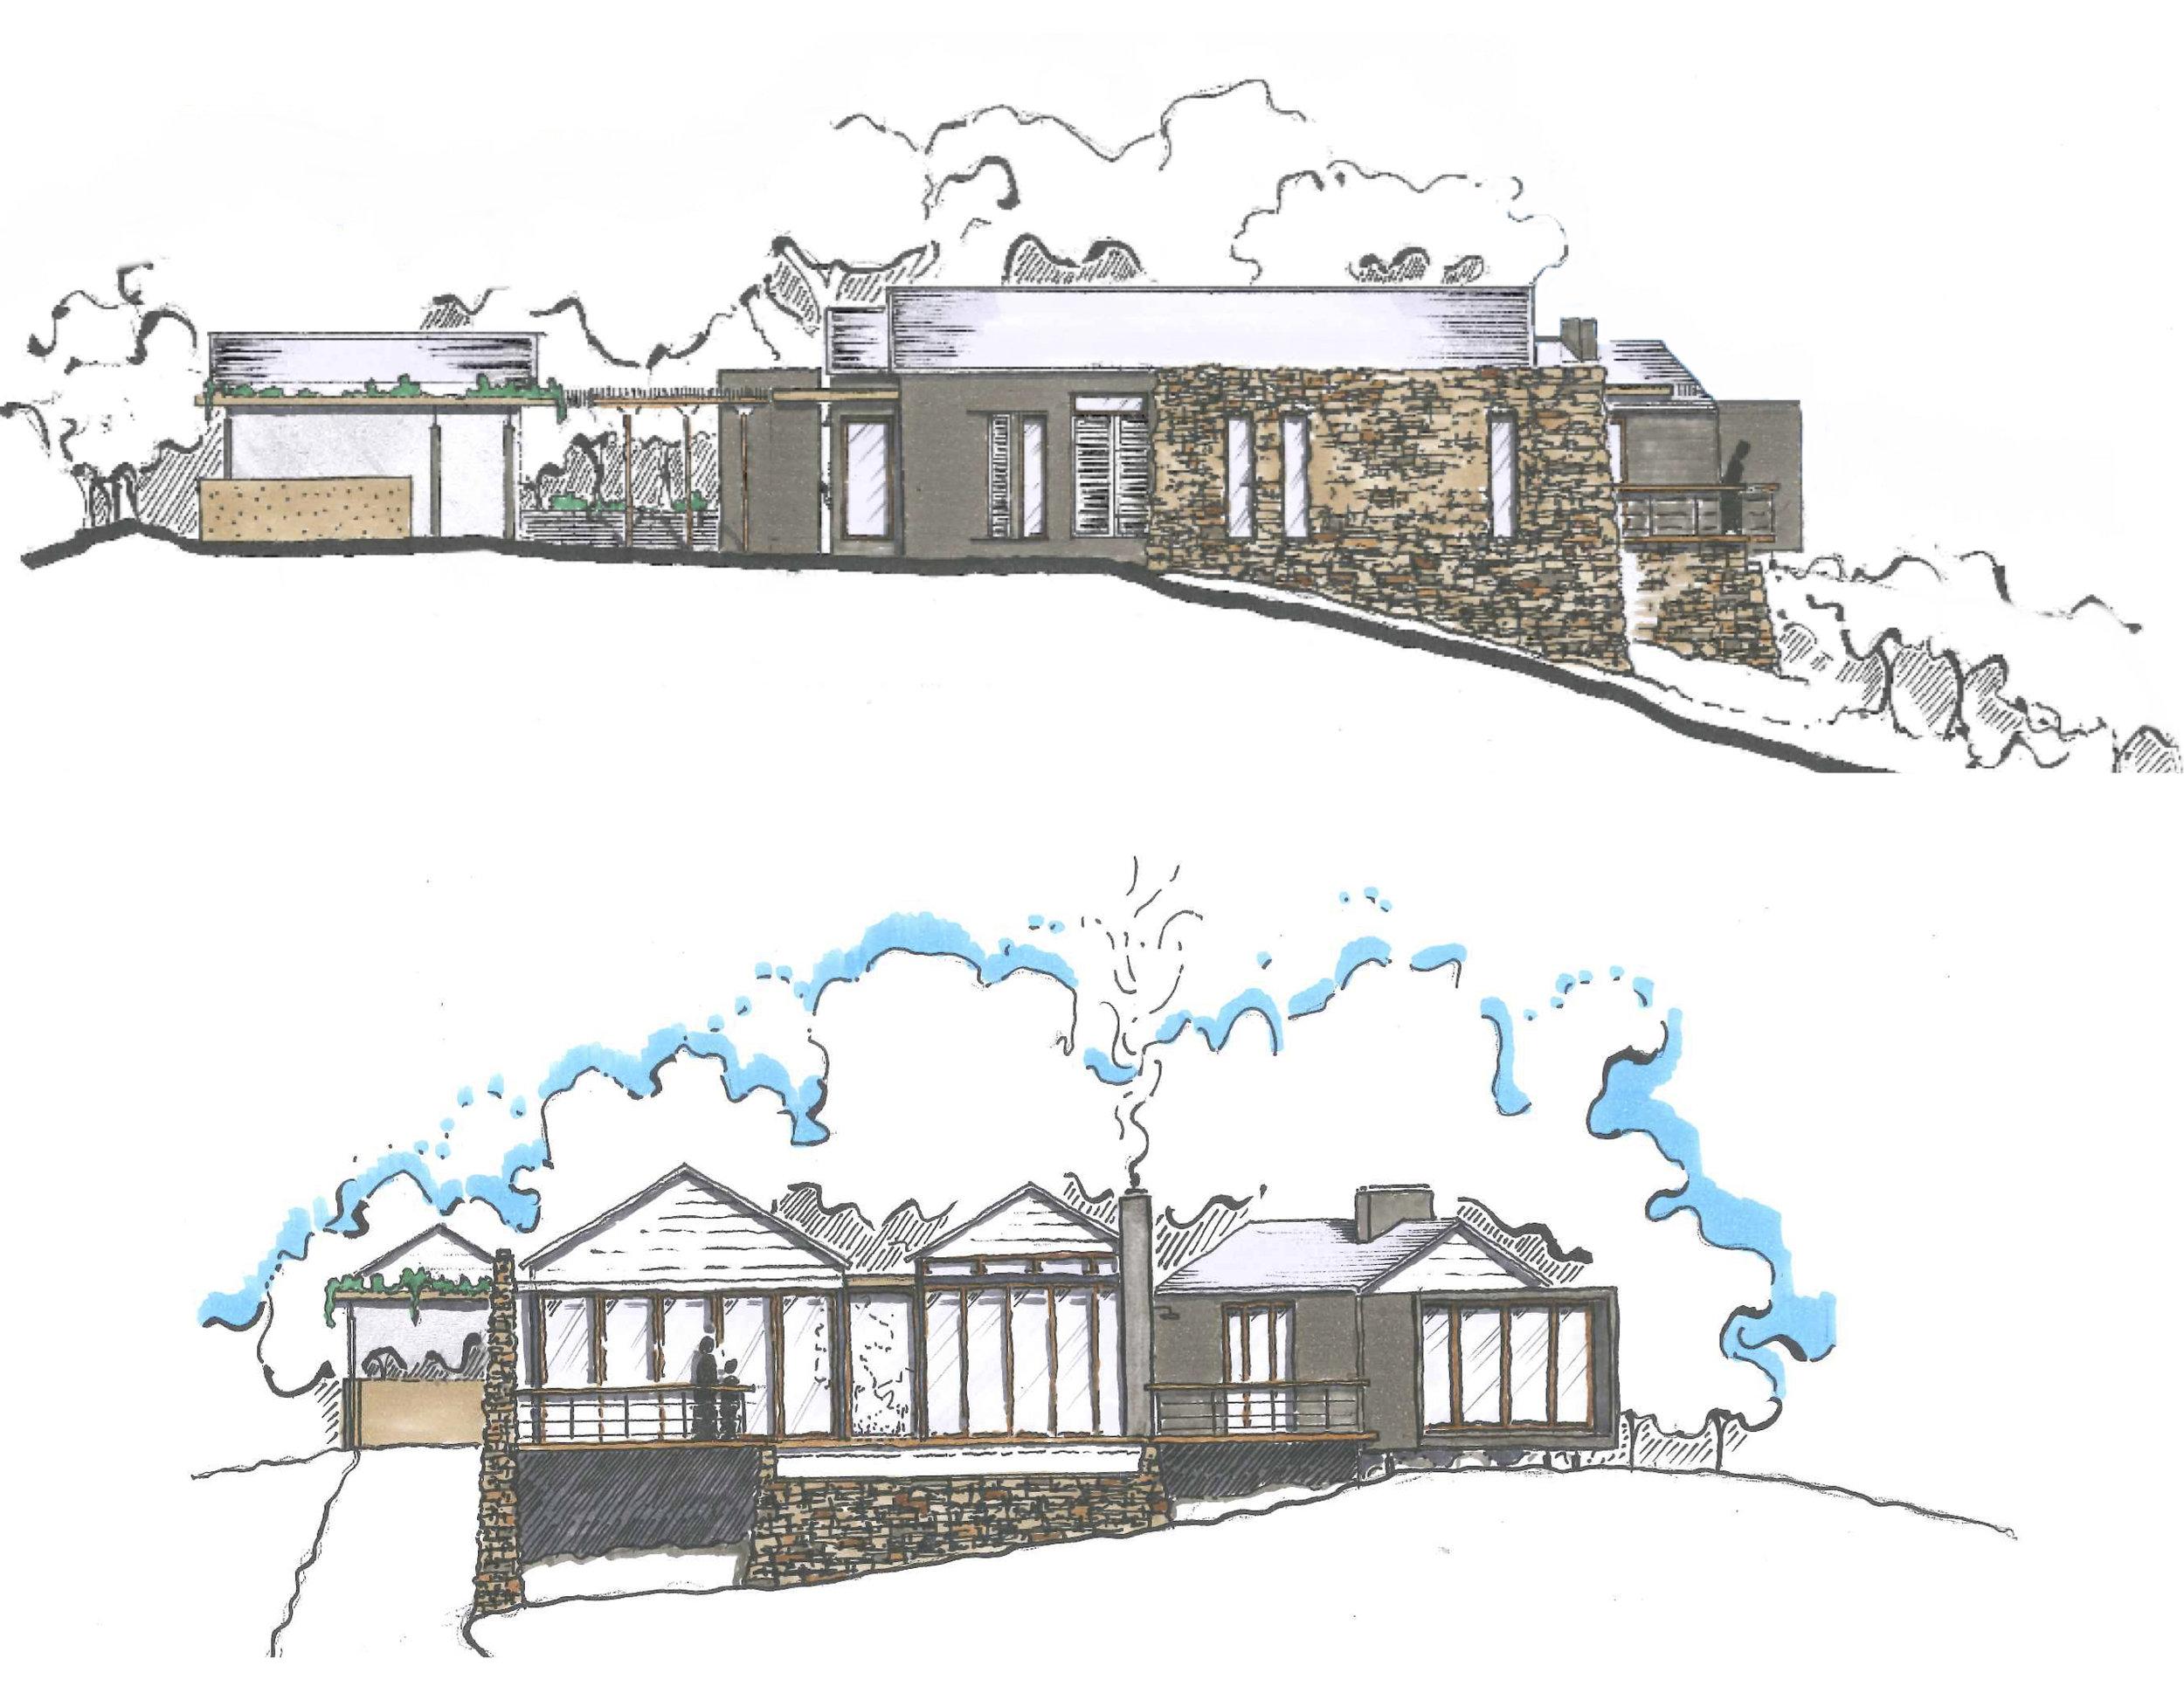 Initial Design Sketches